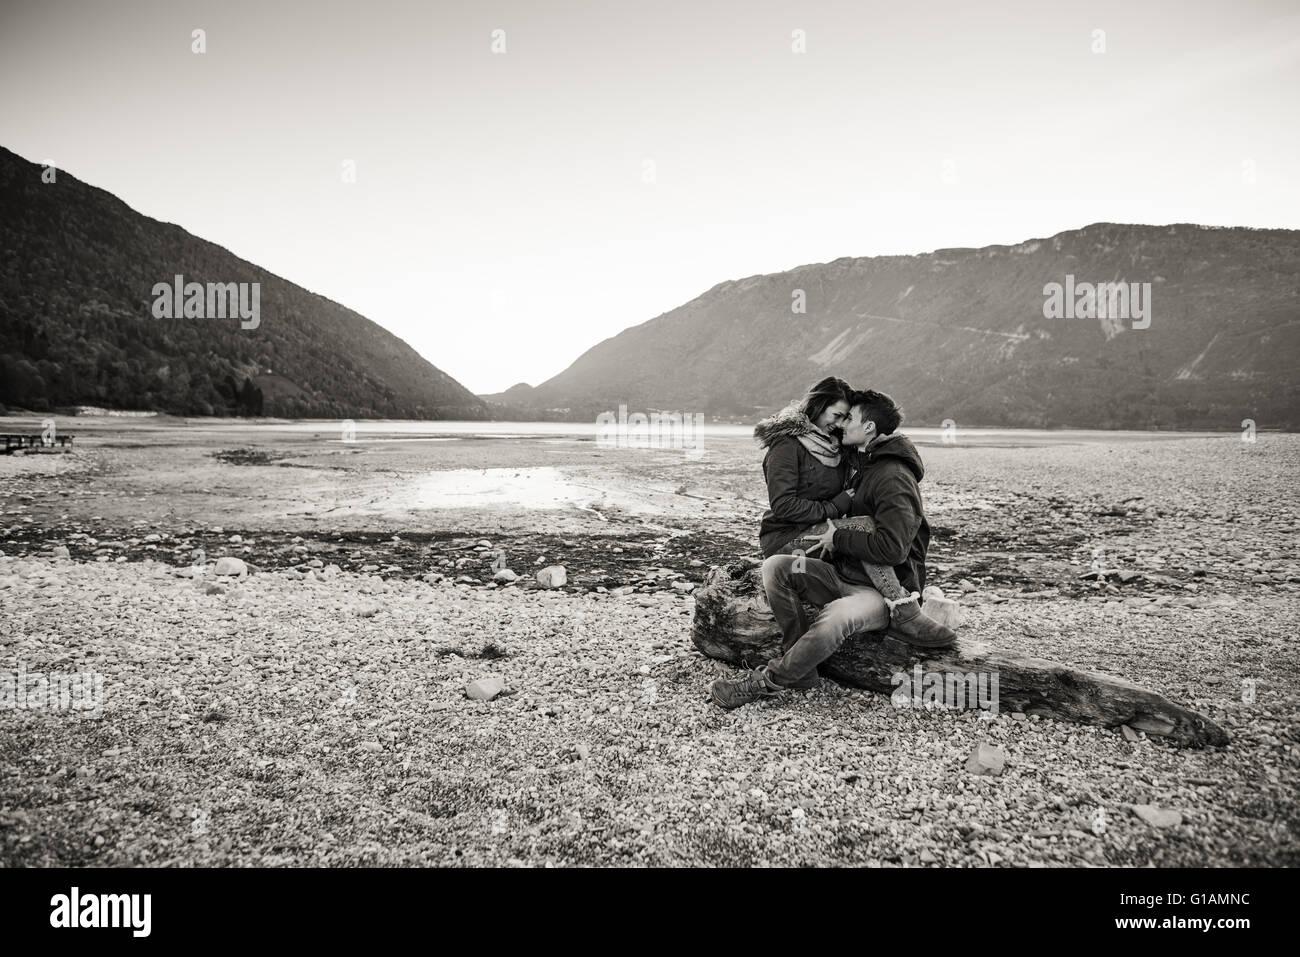 Jeune couple ayant une date romantique au bord du lac, ils sont hugging et assis sur un tronc sur la plage, l'amour Photo Stock